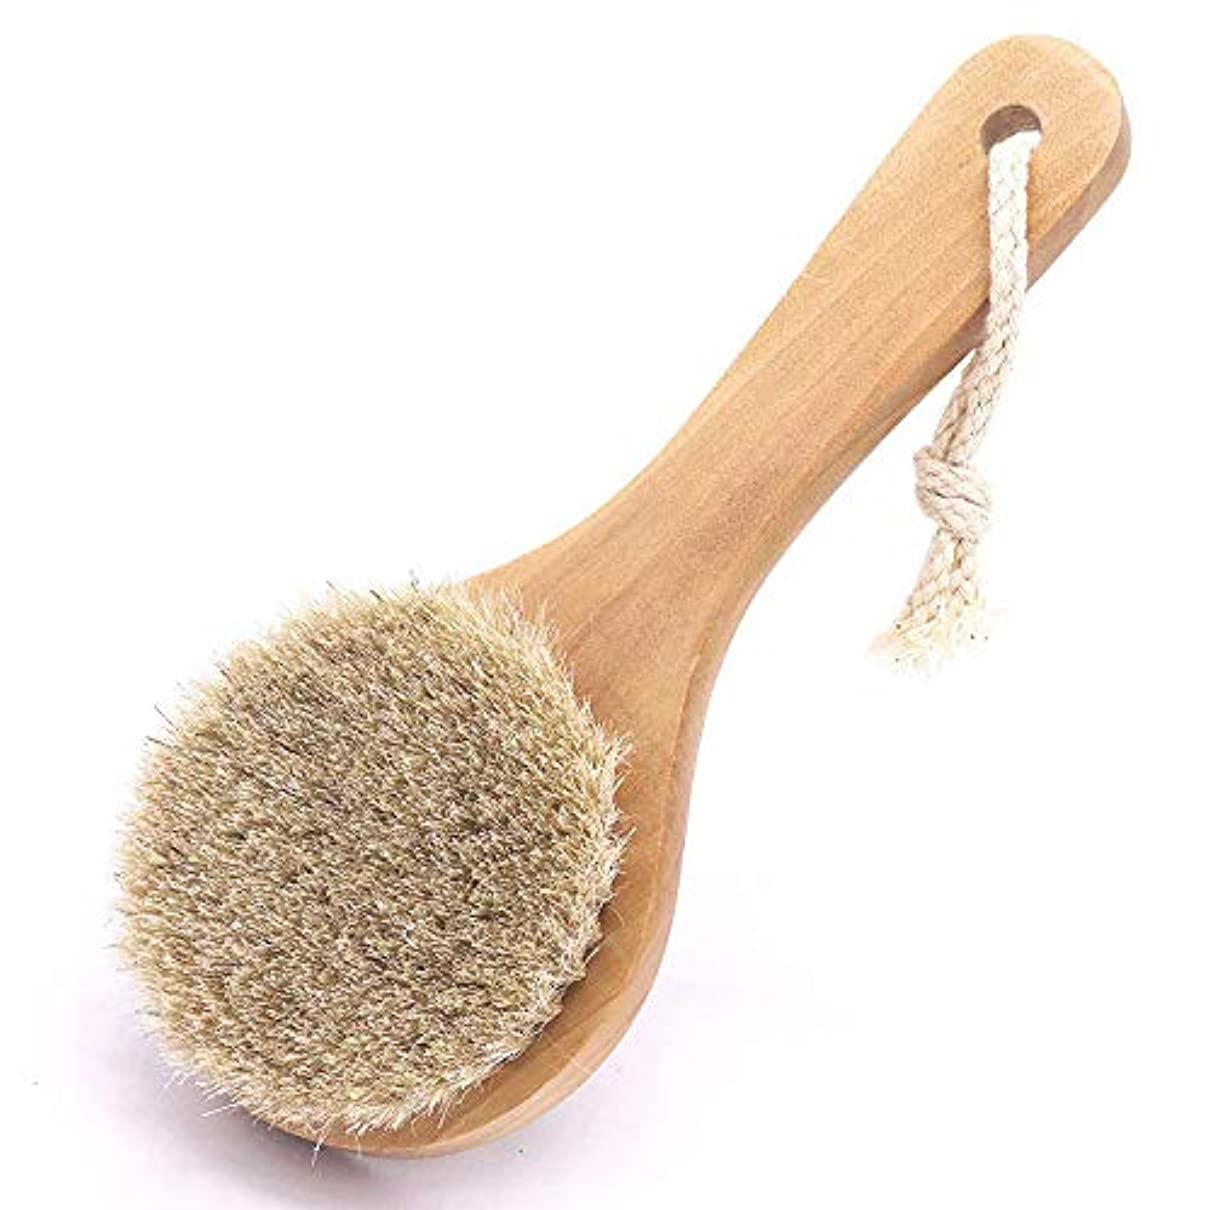 に向かって達成可能控える馬毛ボディブラシ 木製 短柄 足を洗う お風呂用 体洗い 女性 角質除去 柔らかい 美肌 馬毛ボディブラシ